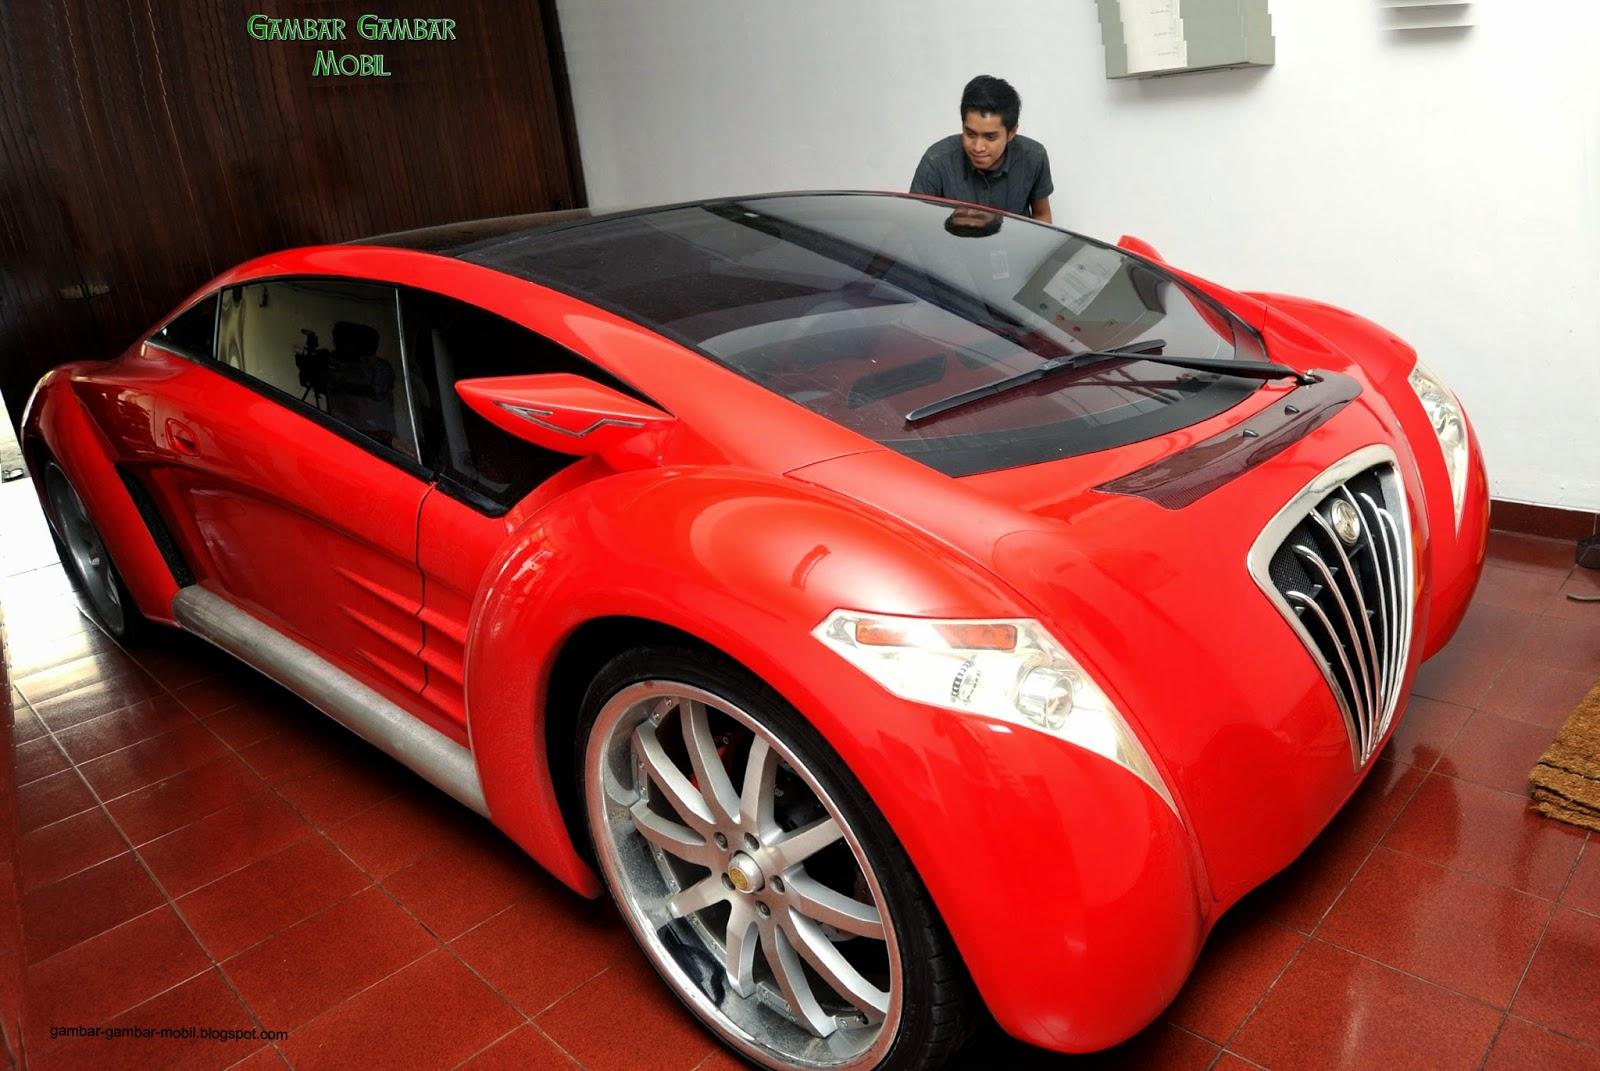 foto mobil keren indonesia foto mobil klasik di indonesia foto